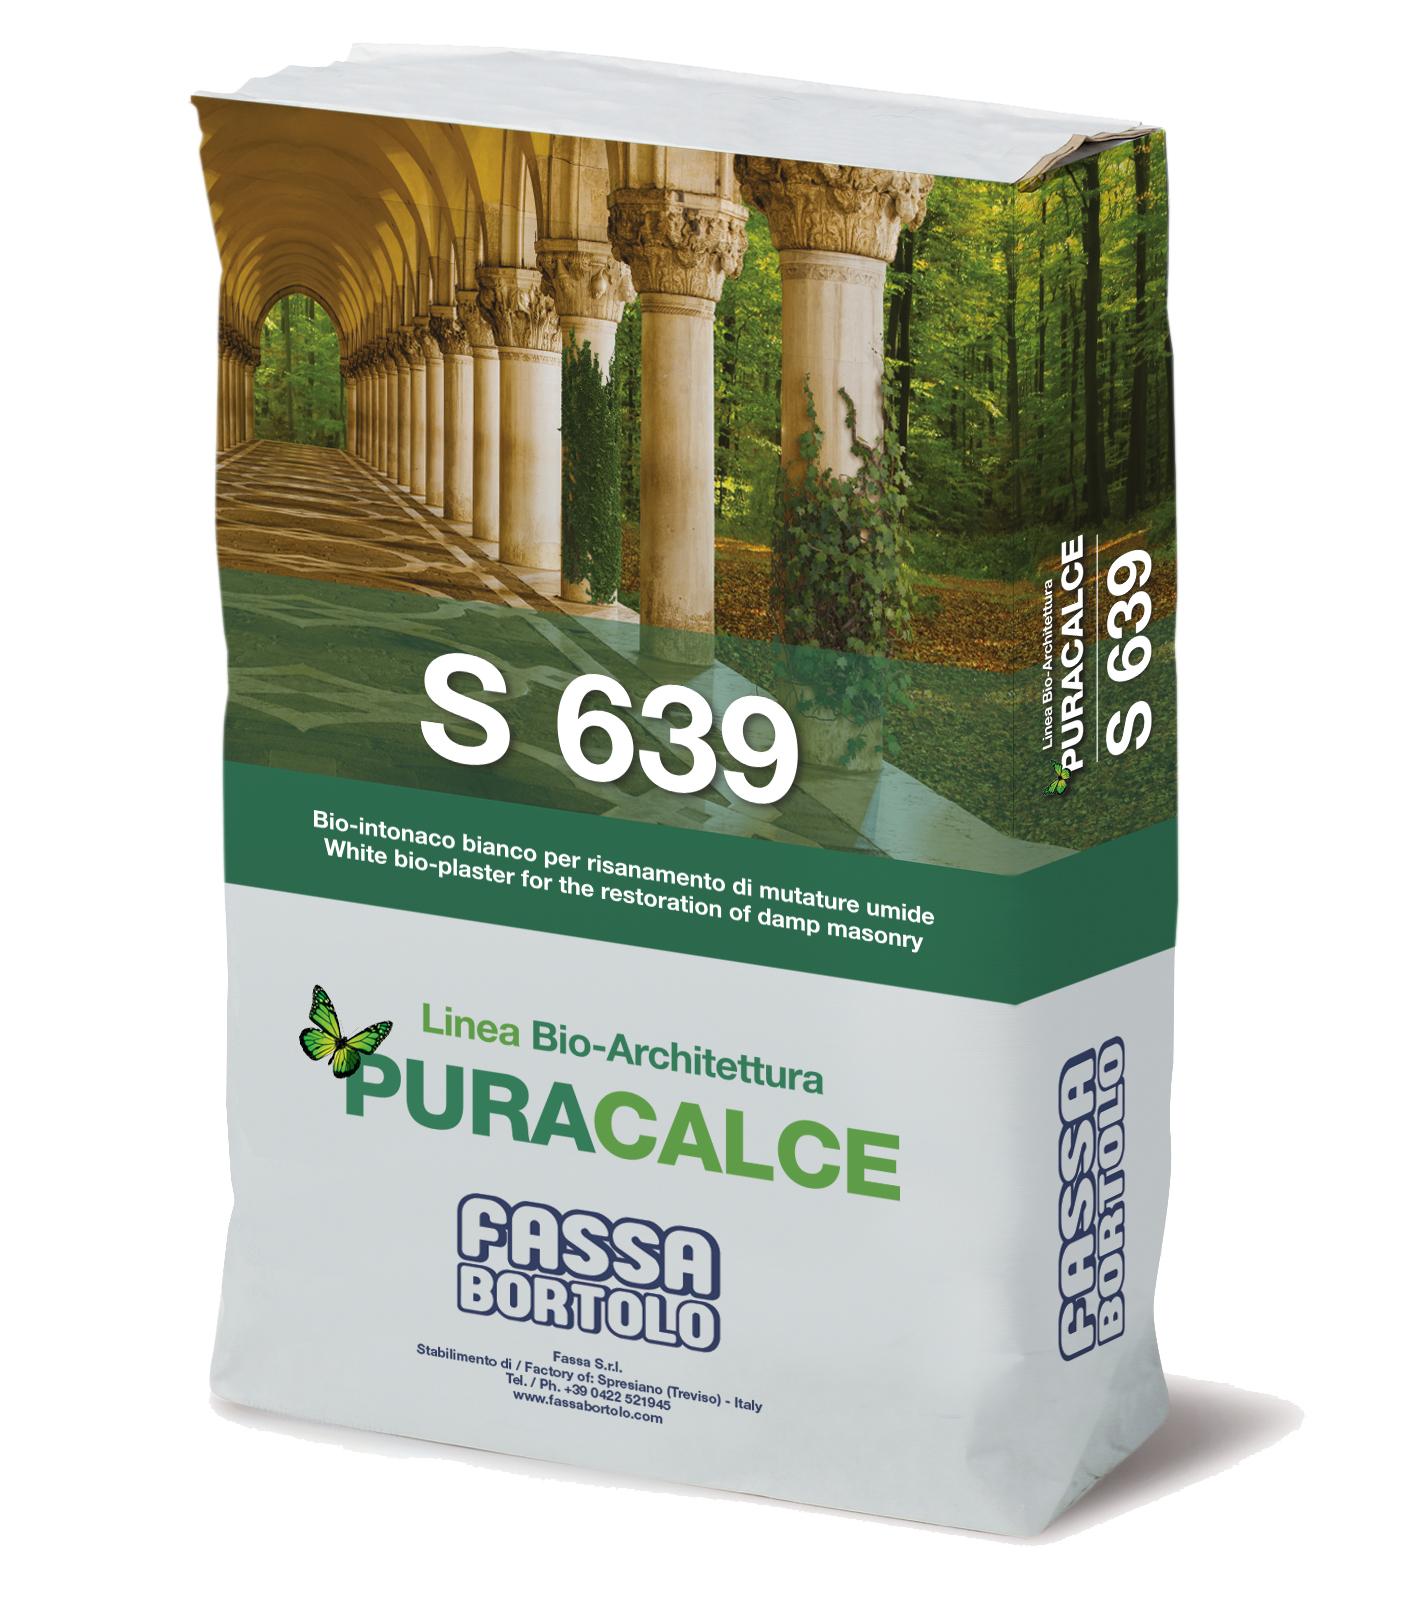 S 639: Bio-intonaco macroporoso bianco per il risanamento di murature umide ad effetto marmorino per interni ed esterni